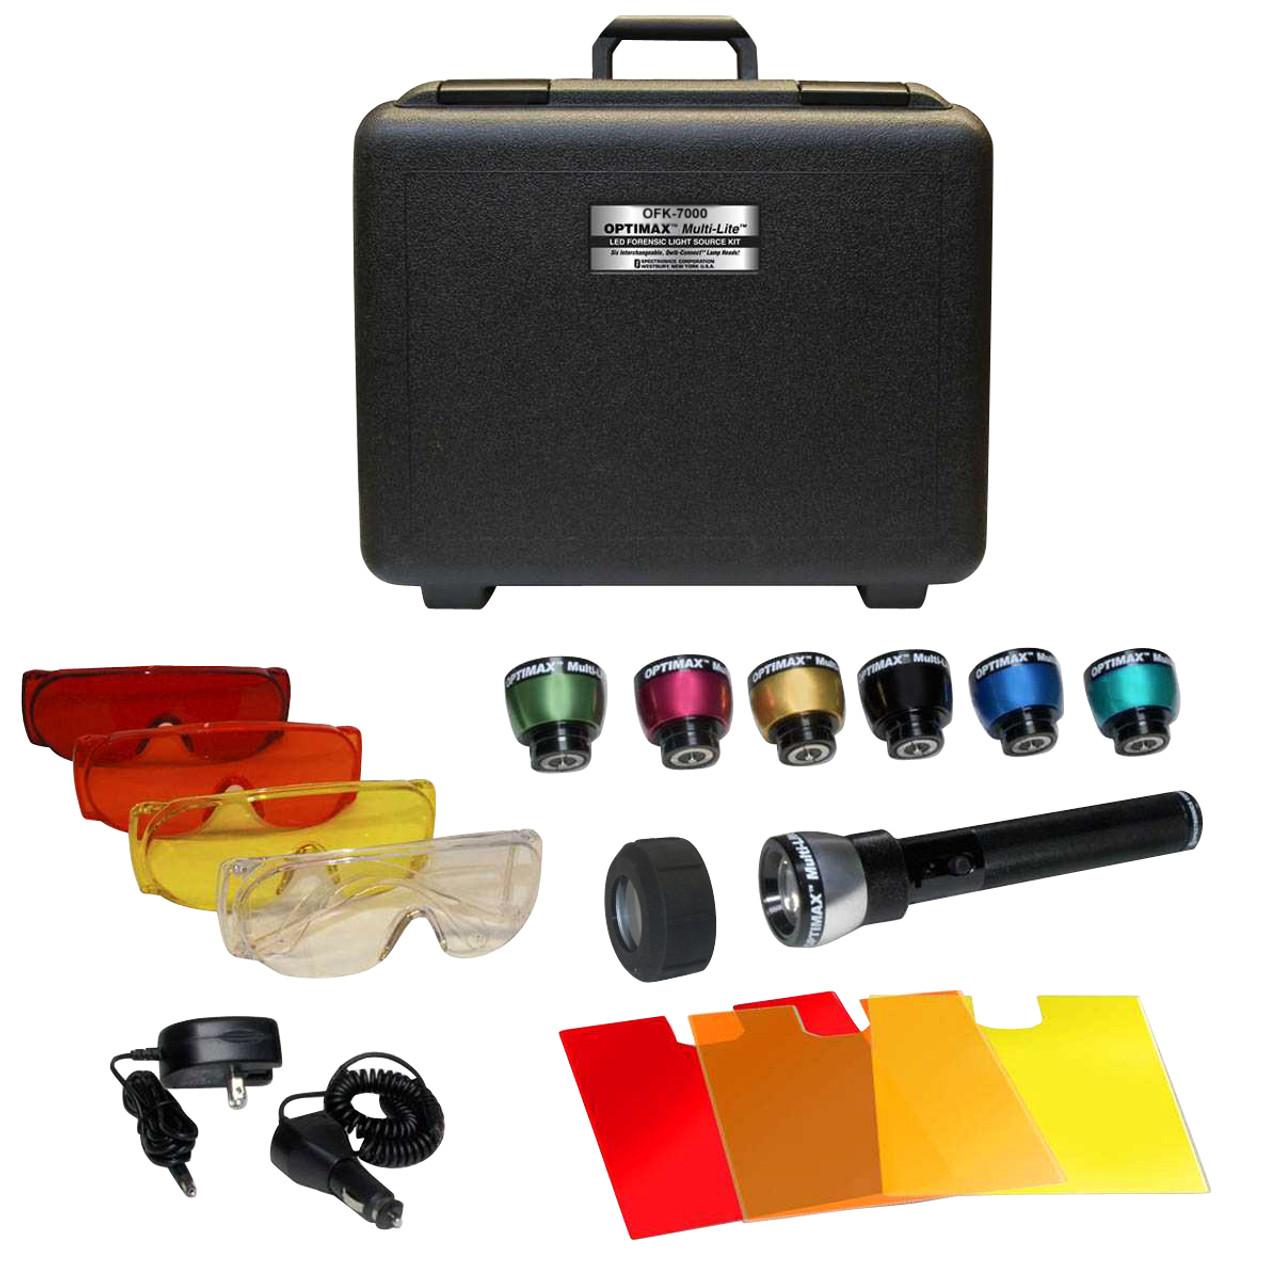 Ofk 8000 Optimax Multi Lite Forensic Lamp Kit